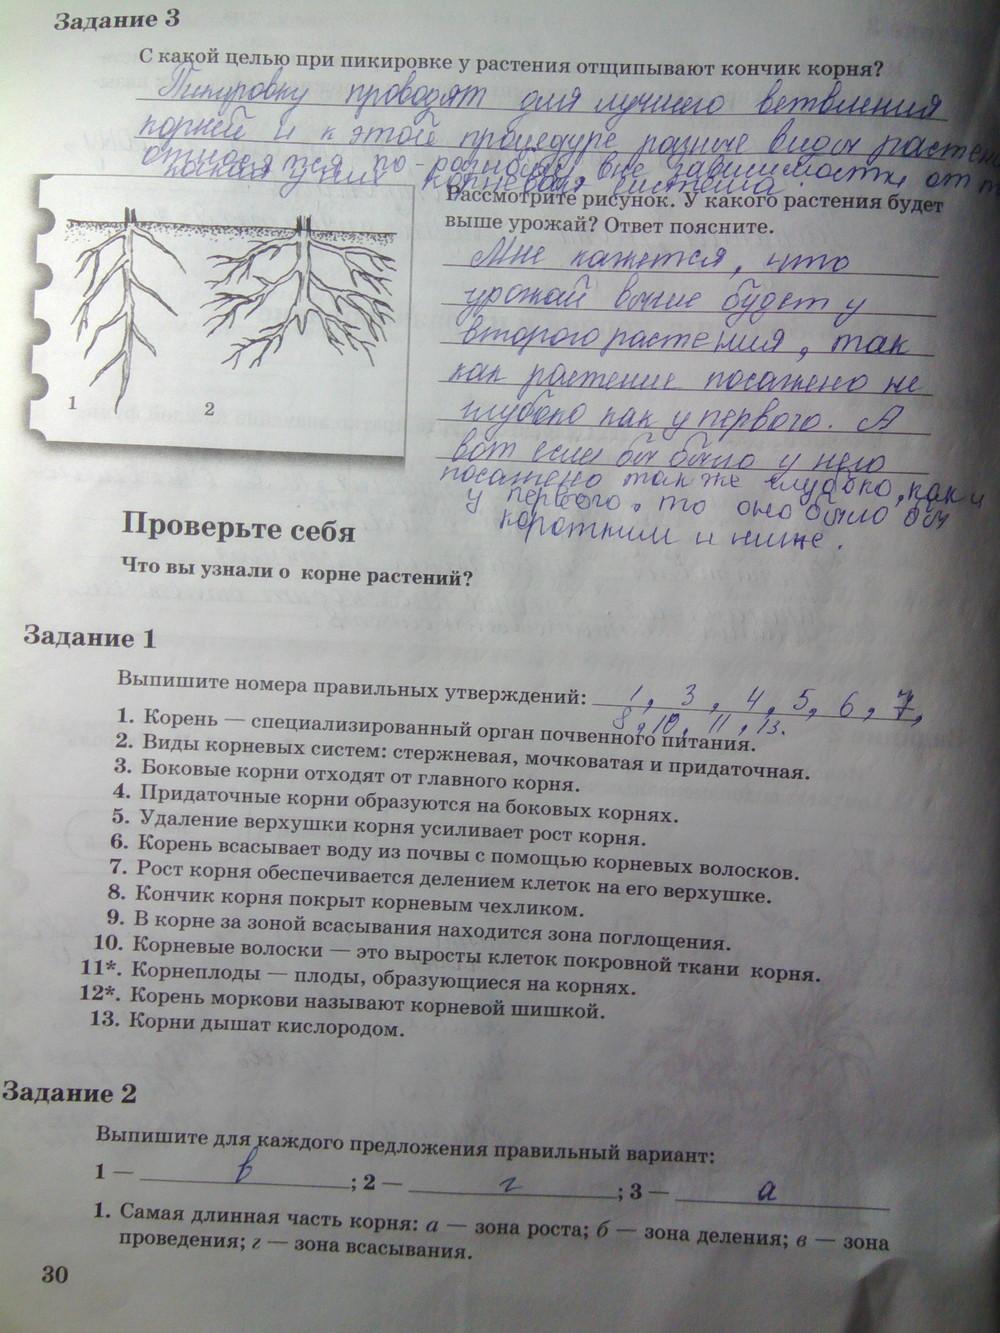 тетрадь по биологии 6 класс пономарева не гдз